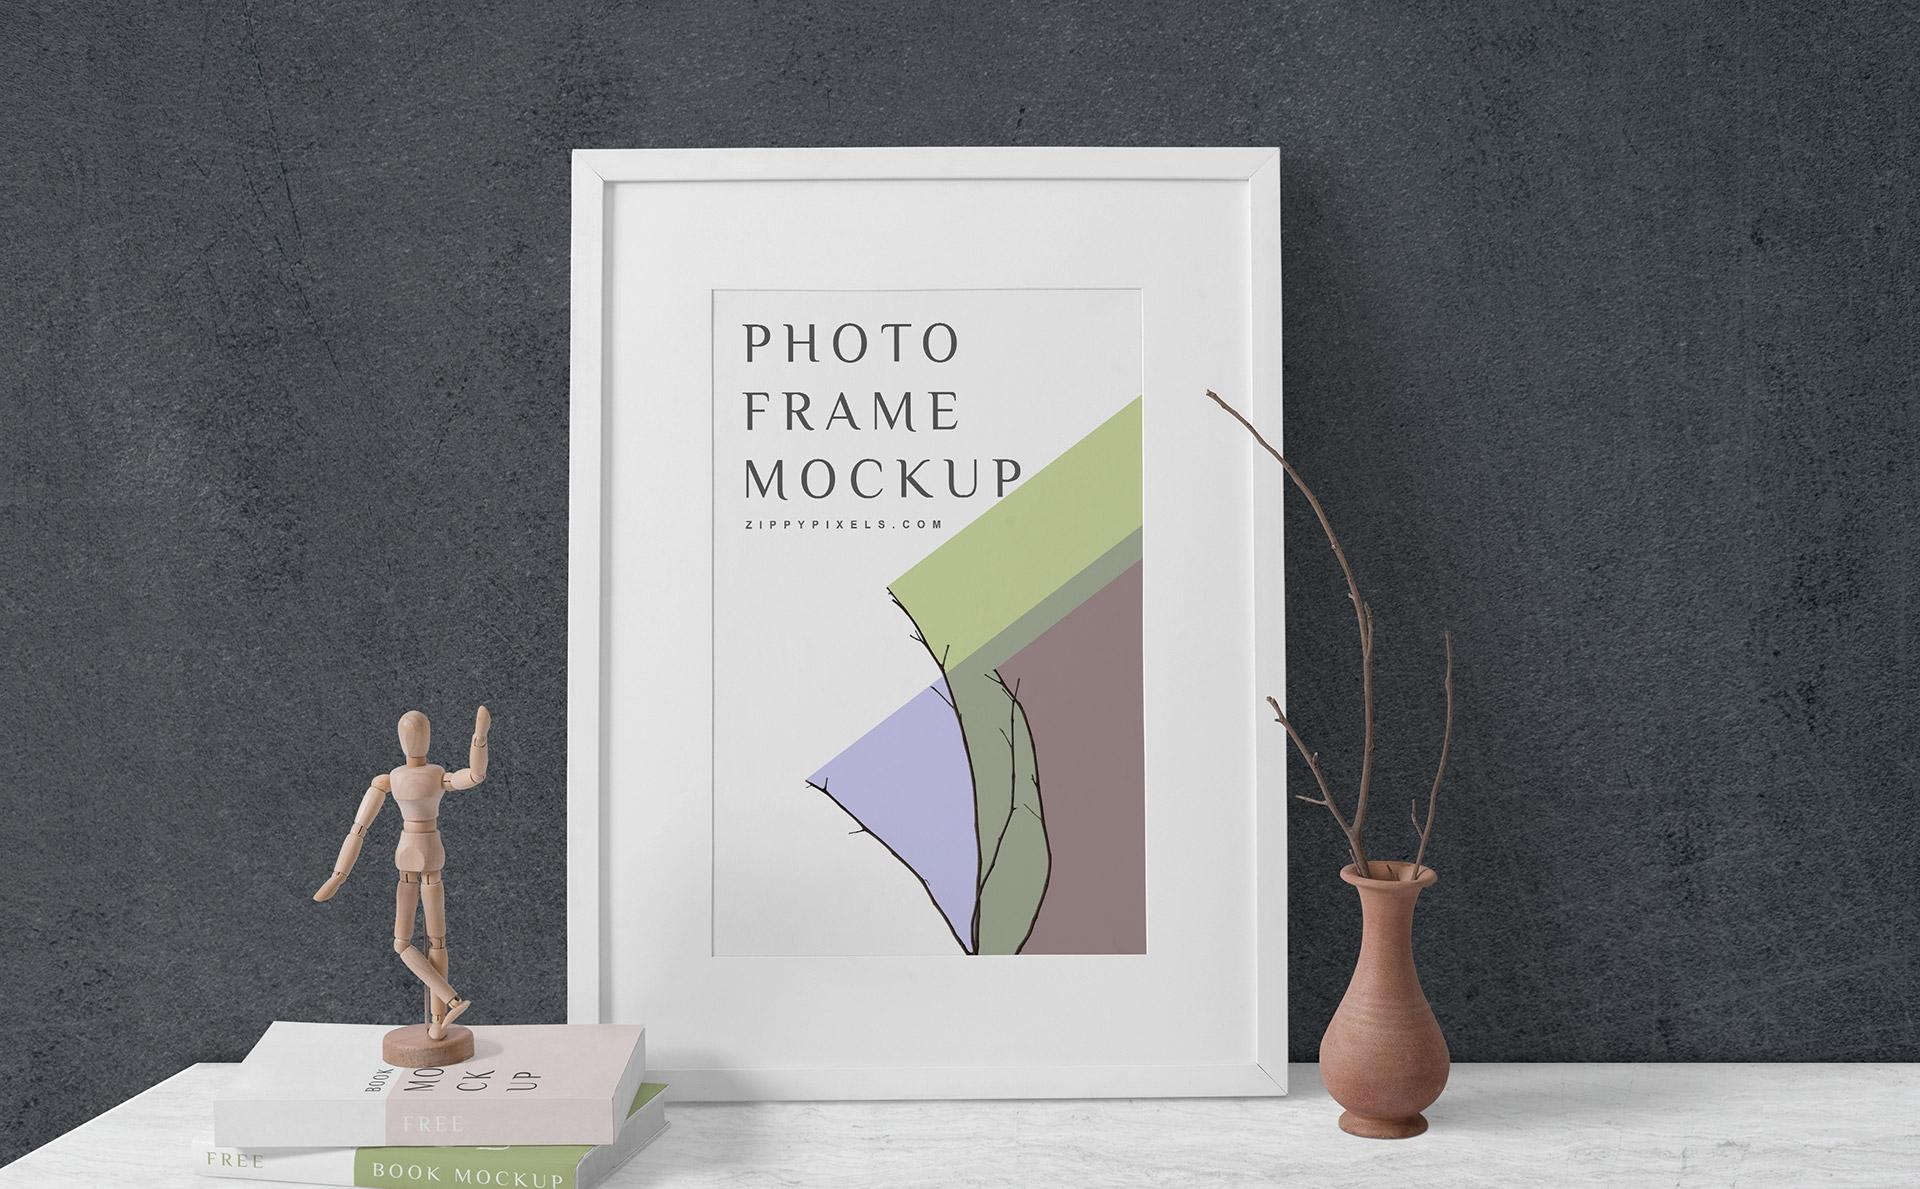 室内装饰画相框画框场景样机 Wood Frame Mockup